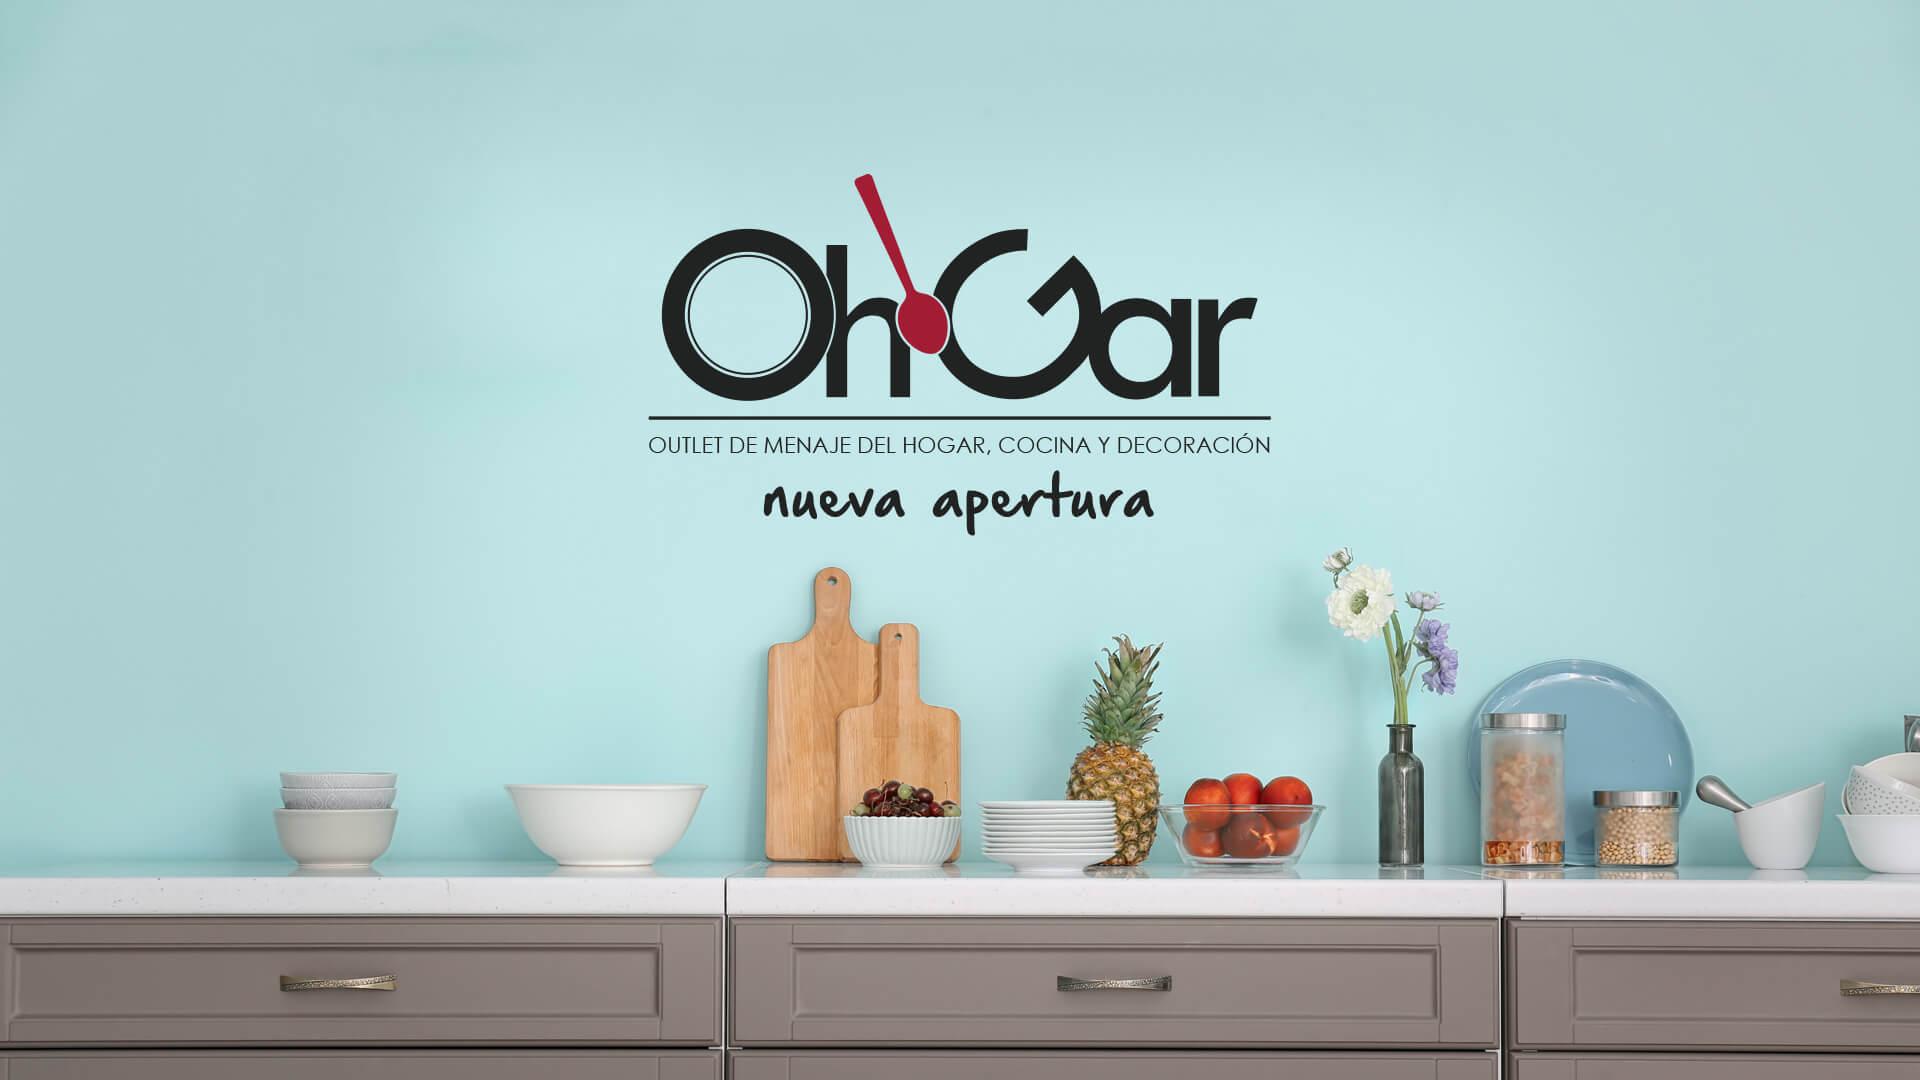 OHGAR_apertura_slider_web